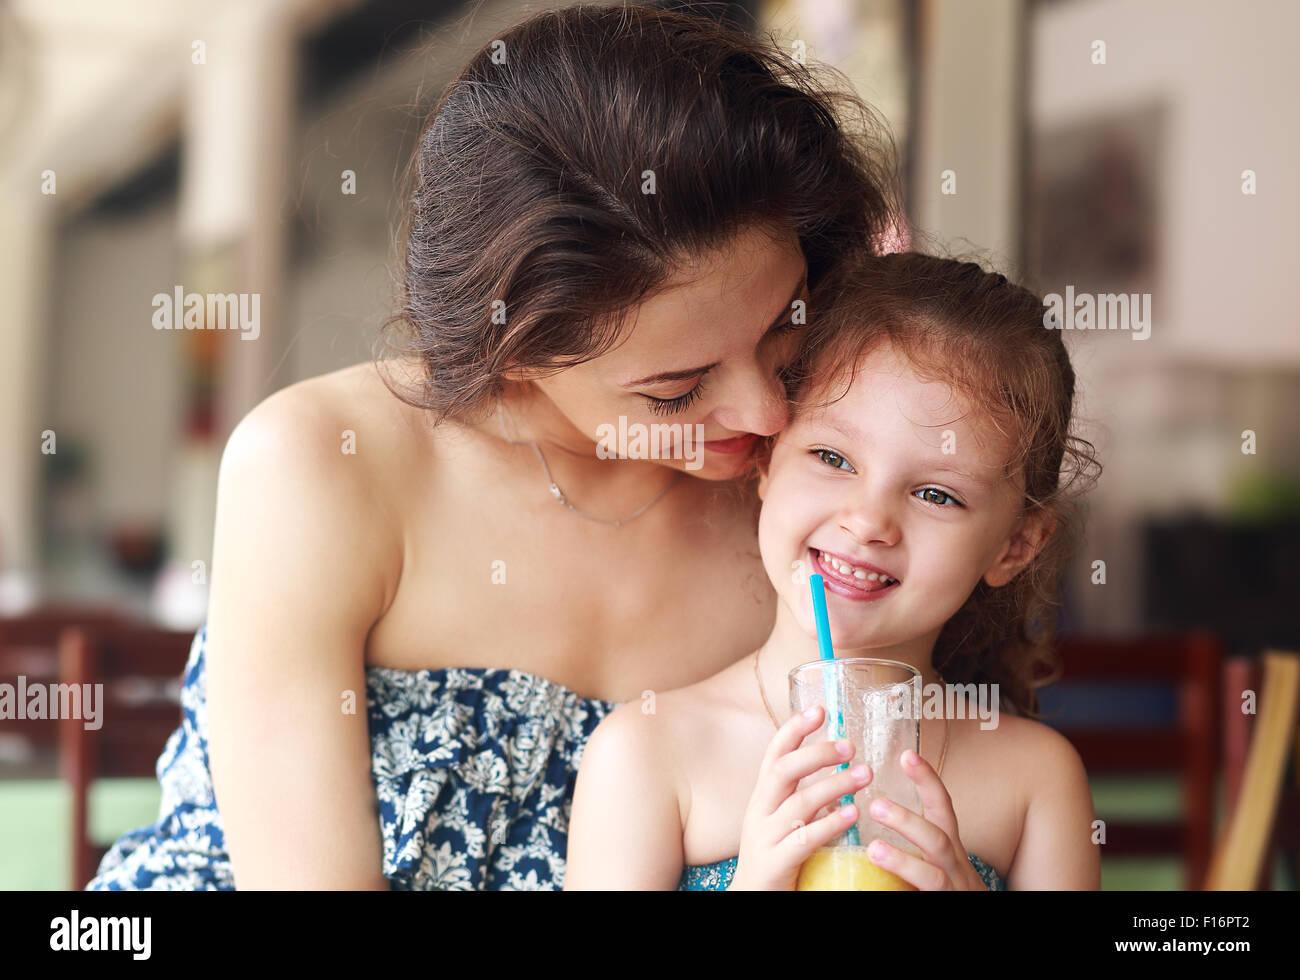 Felice madre cercando e abbracciando la figlia di bere succo di agrumi nel ristorante urbana Immagini Stock